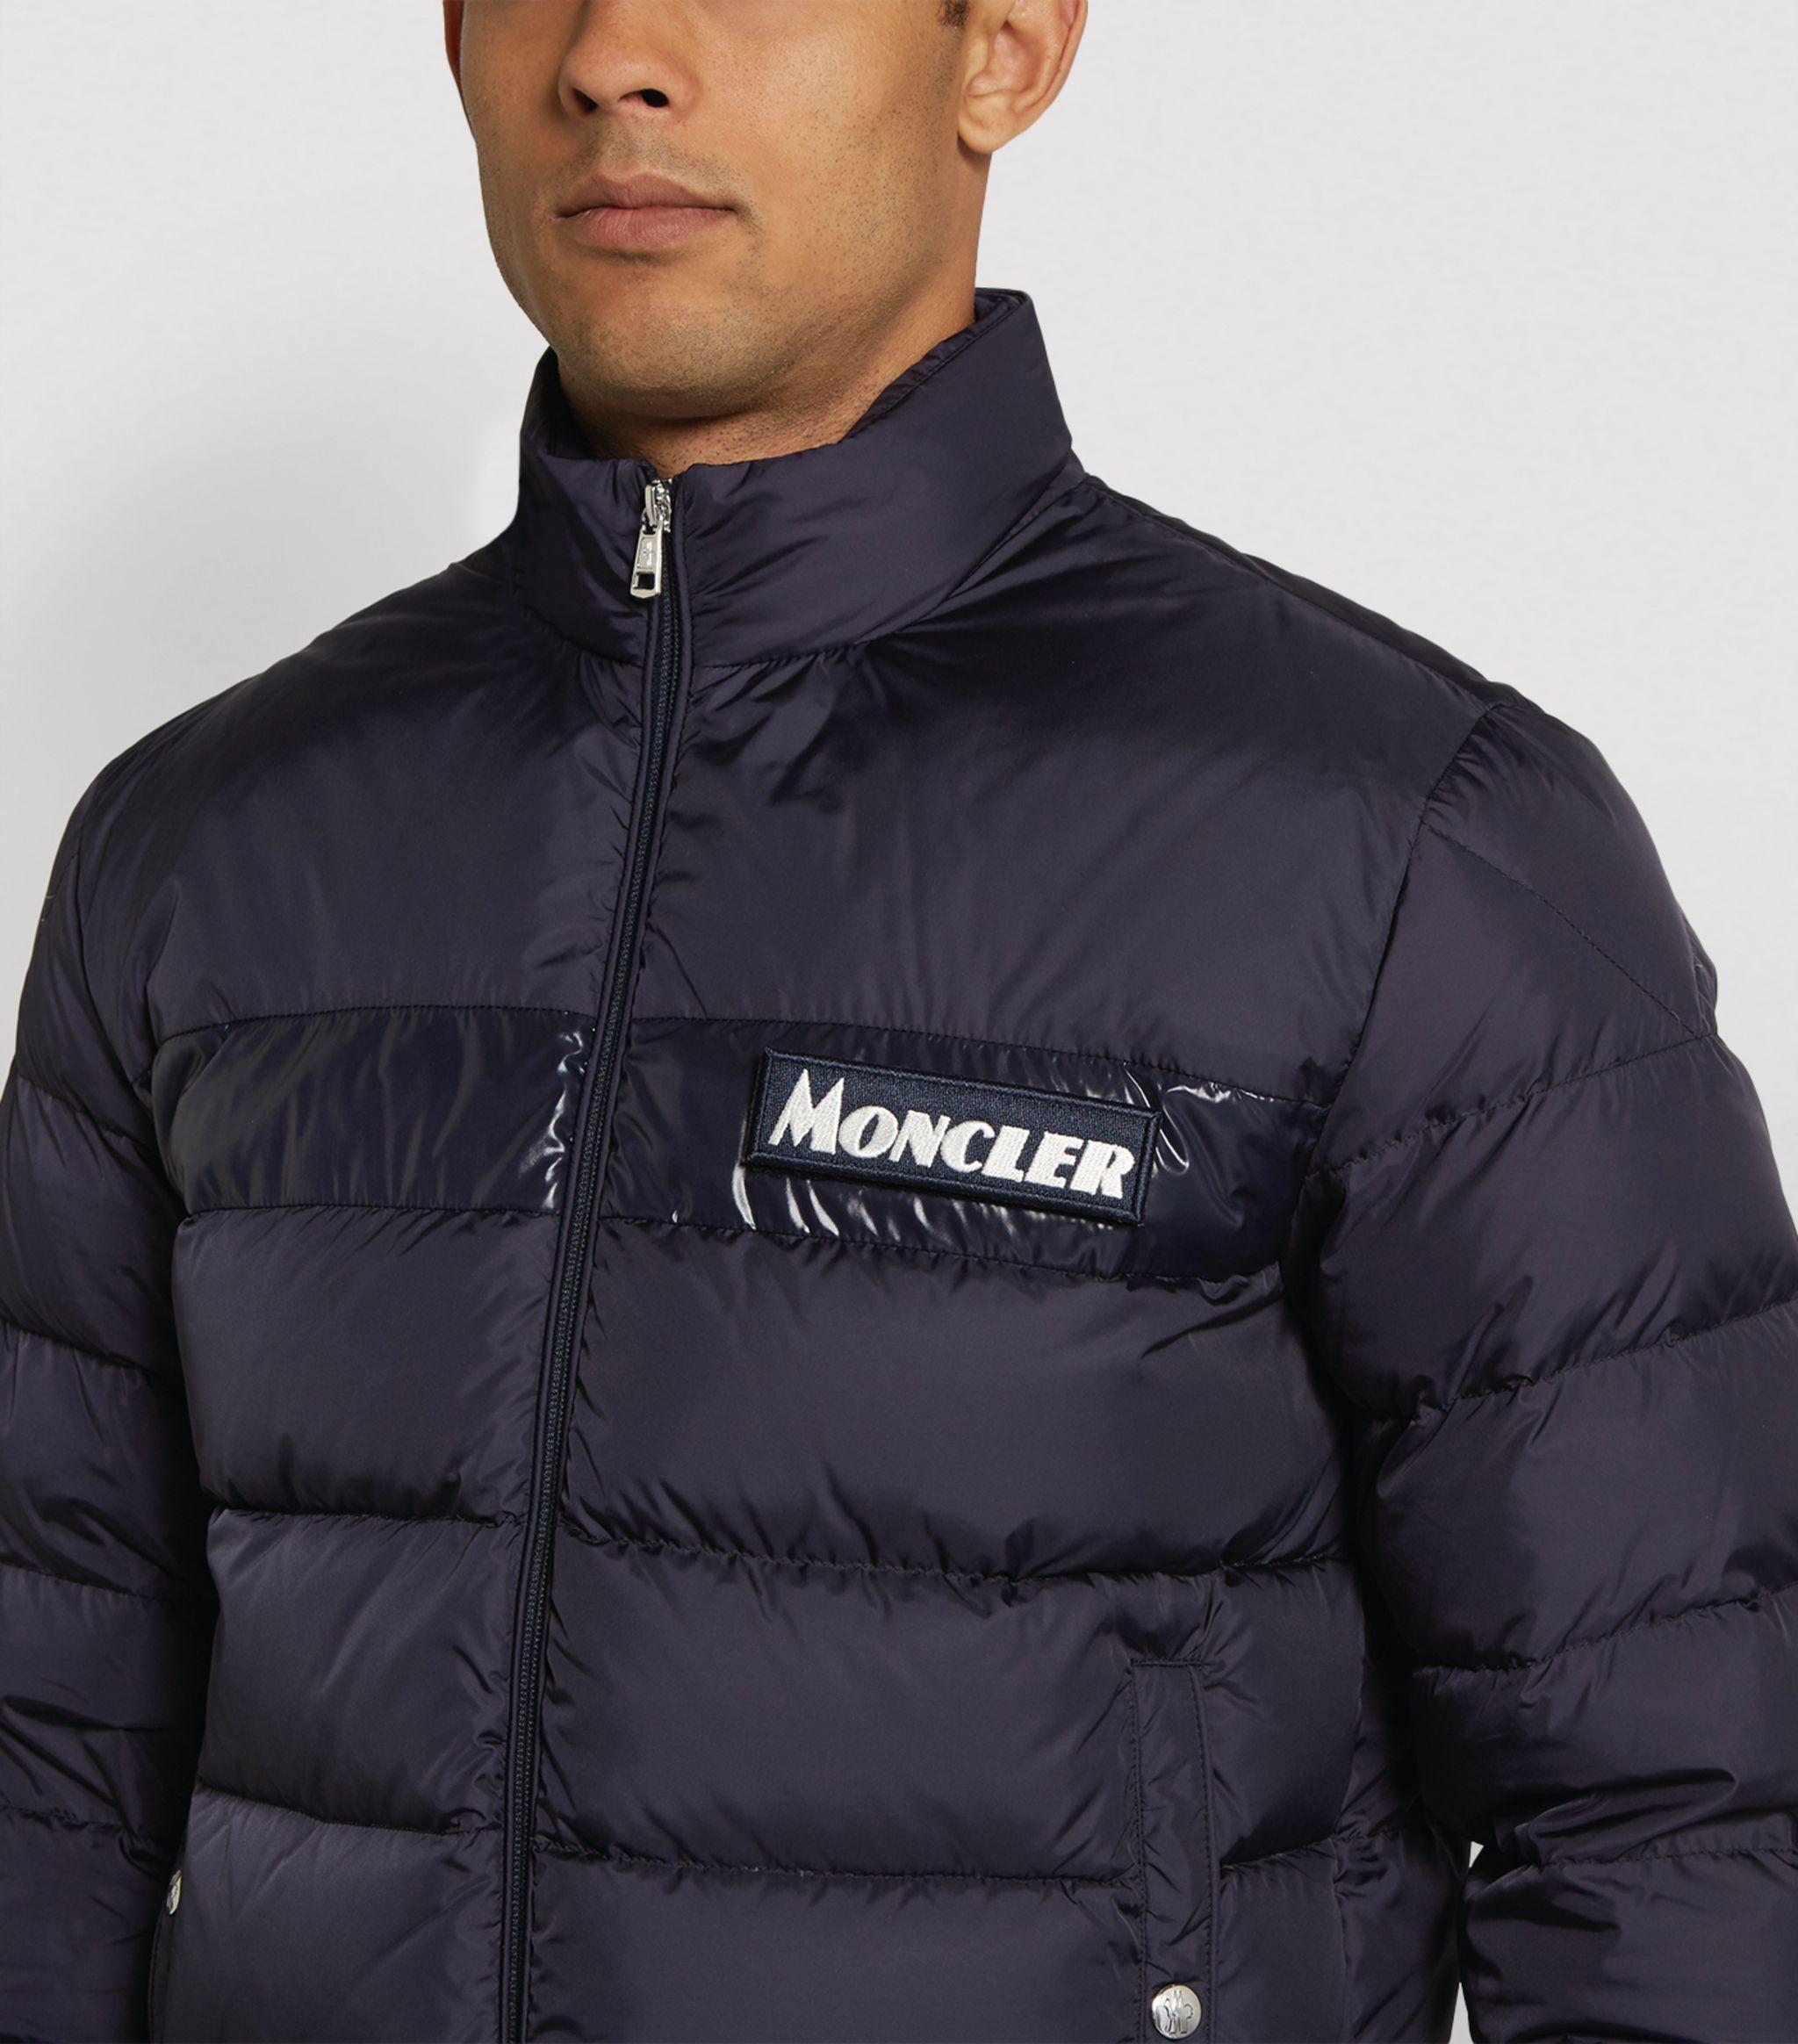 Moncler Navy Servieres Jacket Ad Ad Navy Moncler Jacket Servieres Jackets Moncler Winter Jackets [ 2328 x 2048 Pixel ]